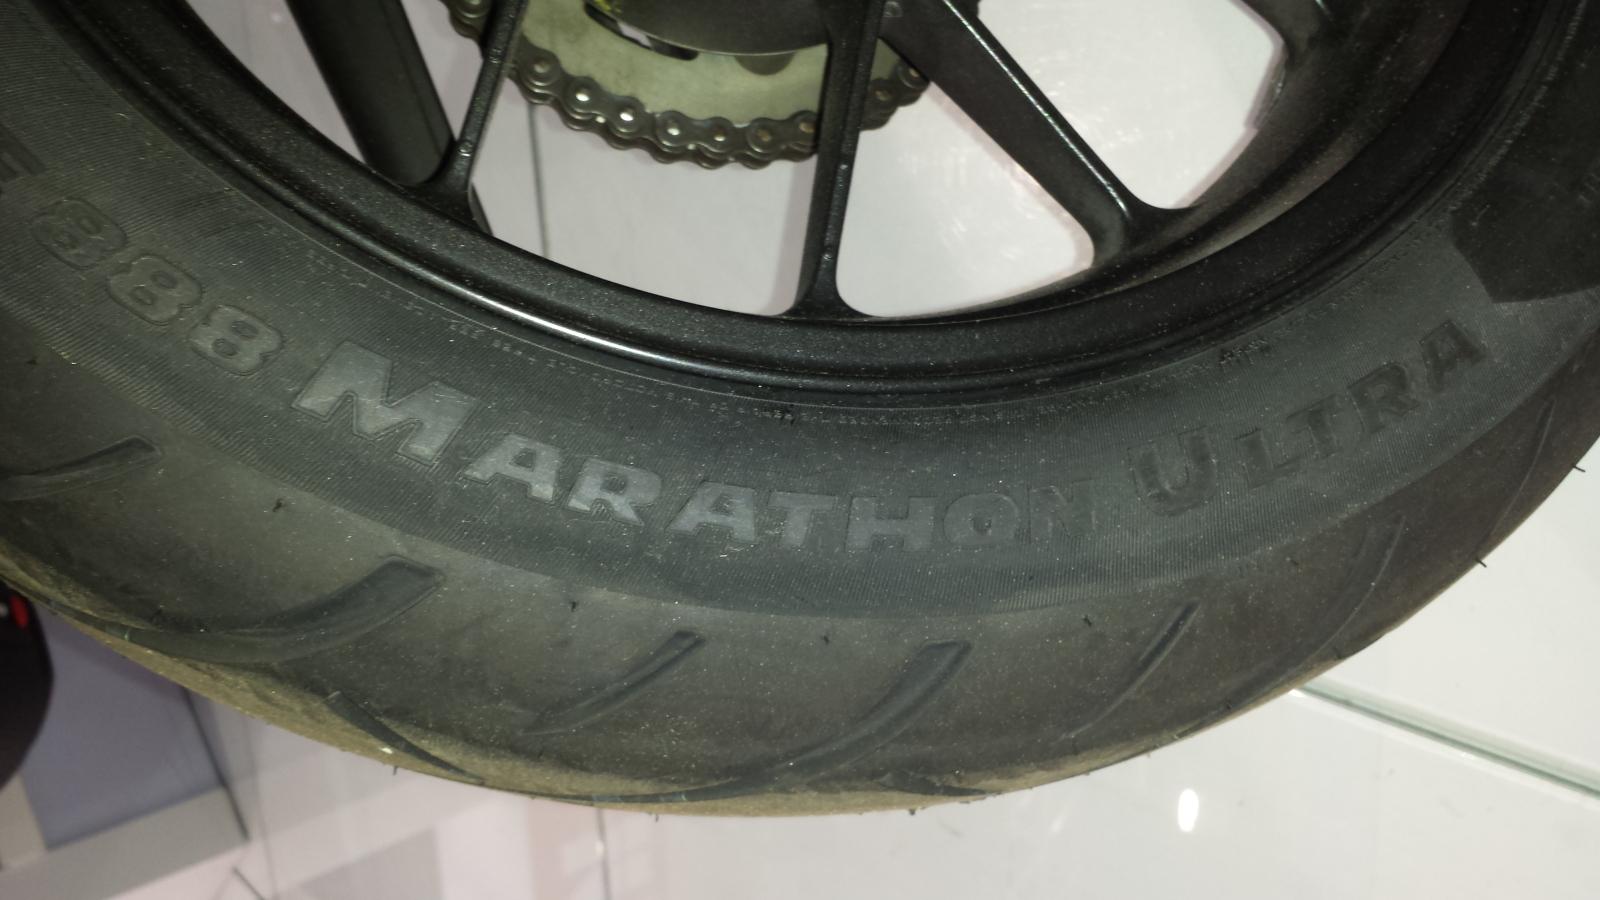 Qual a média da vida útil do pneu da tração de motos? - Página 2 Eao7zk